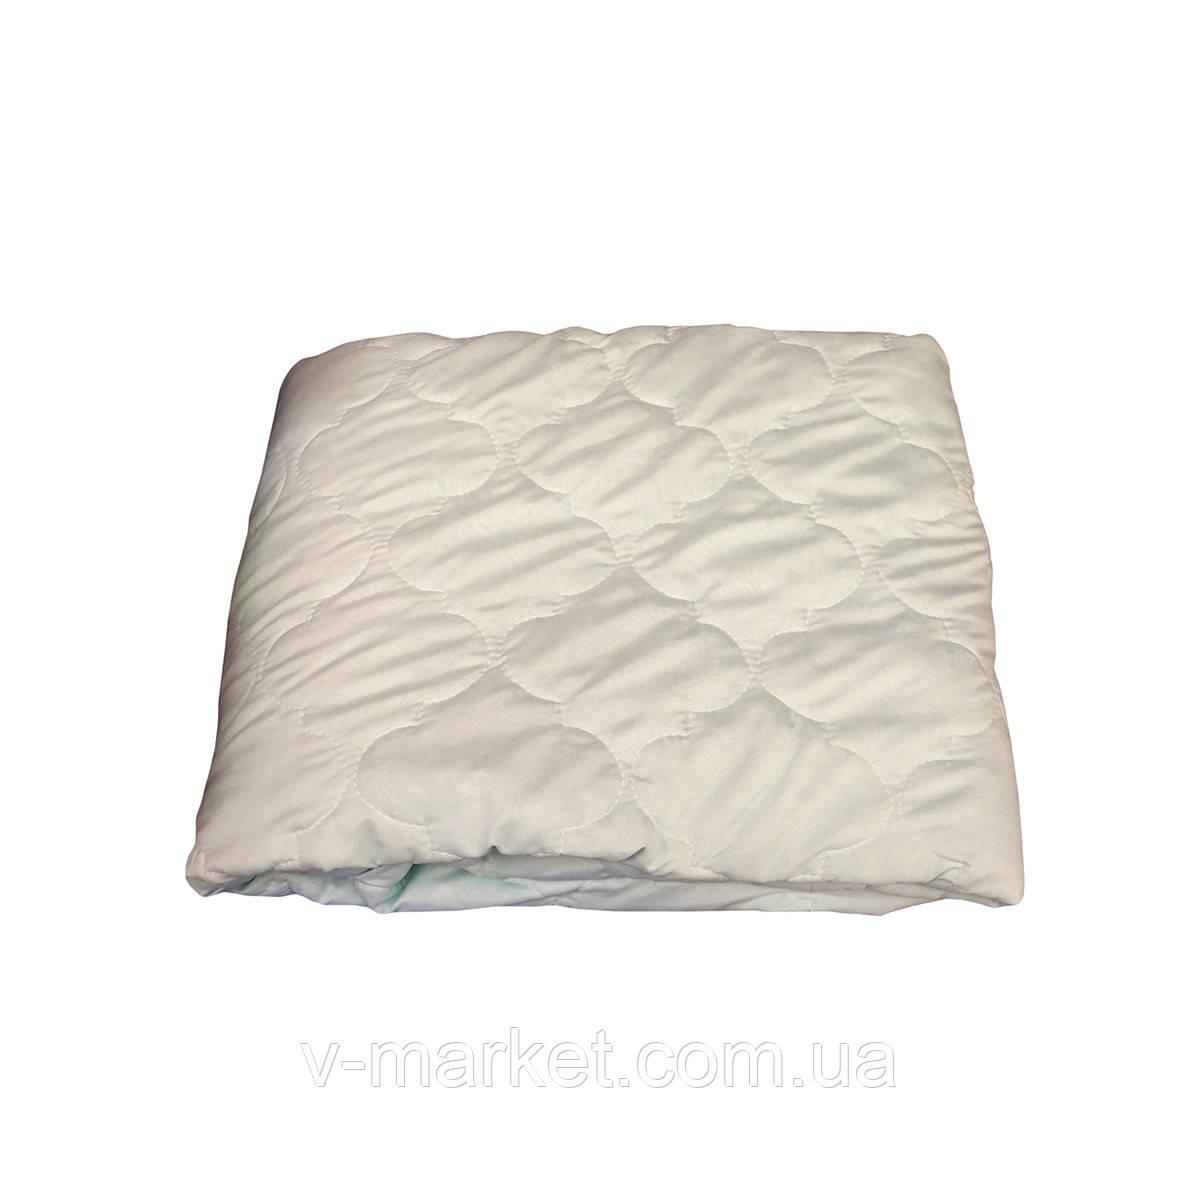 Летнее одеяло покрывало двуспальное однотонное Бамбук , 175/205, бамбук, ткань микрофибрафибра